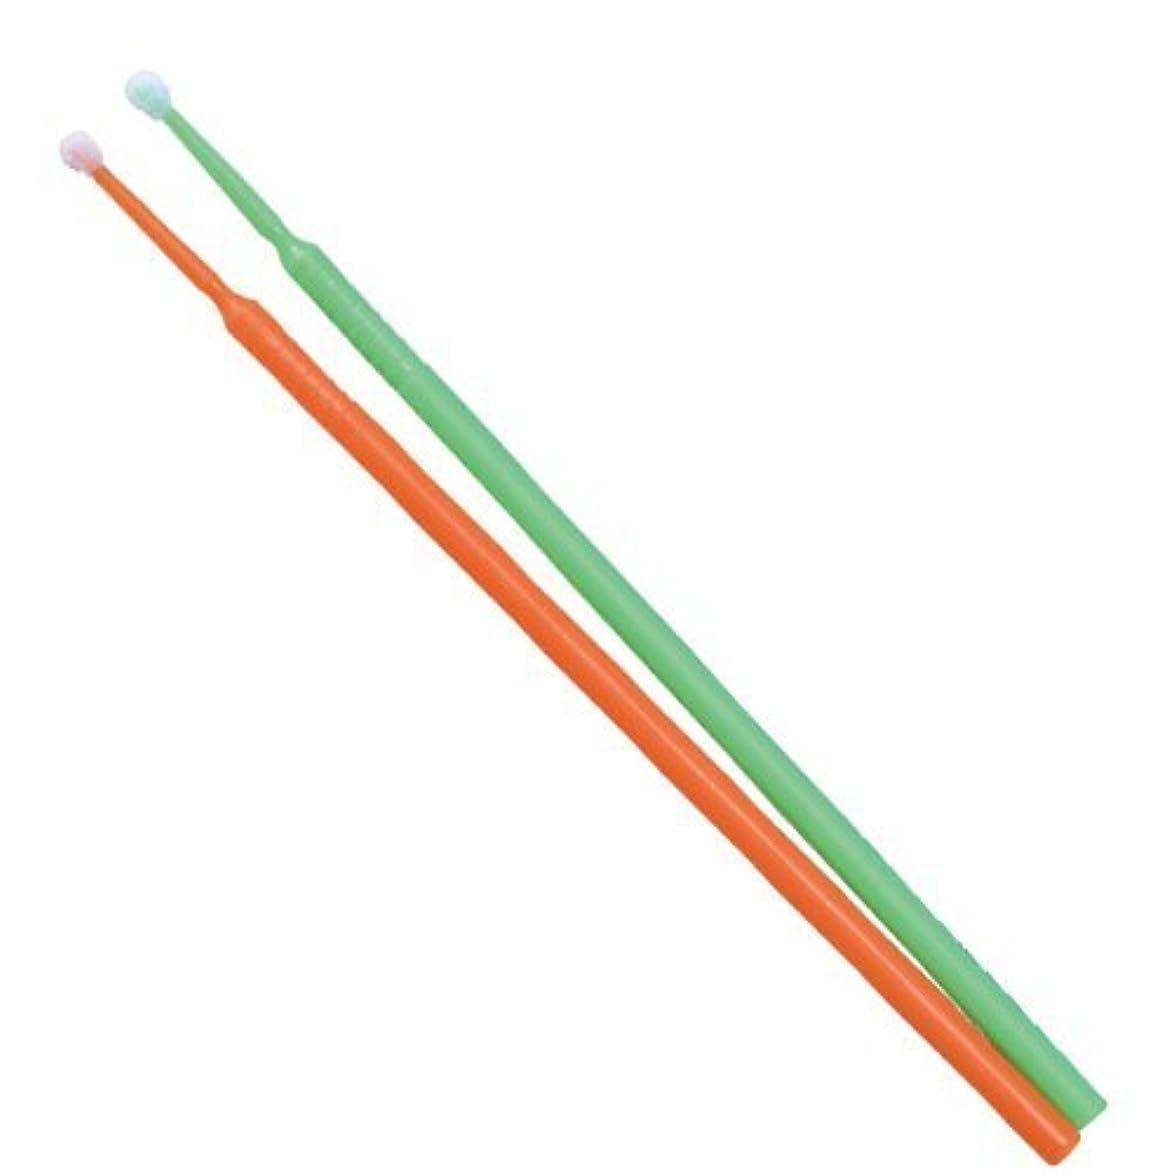 件名適用済み不当TPCアプリケーターブラシ(マイクロブラシ)レギュラーφ2.0mm 100本入り(カラー:グリーンorオレンジ)